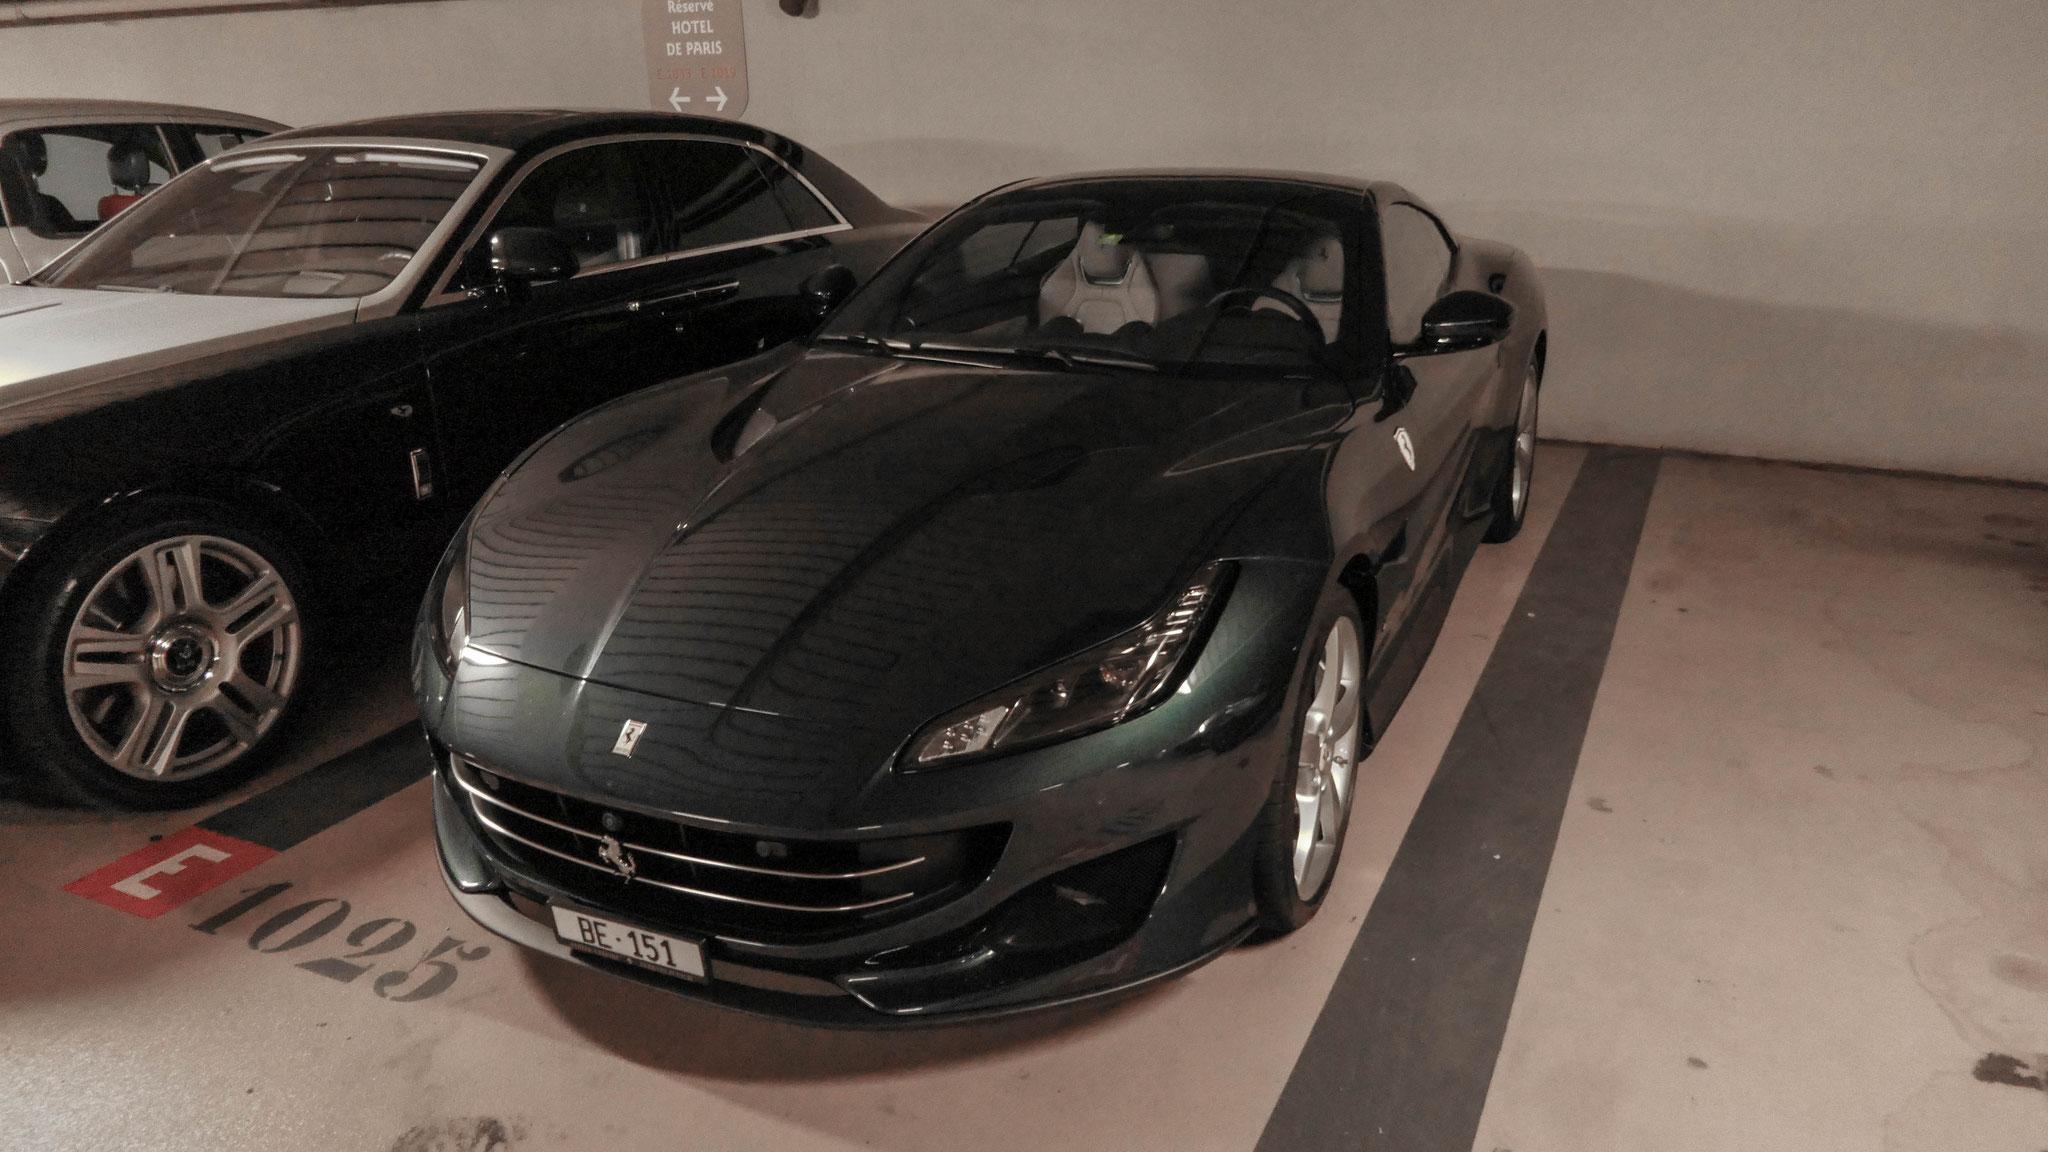 Ferrari Portofino - BE-151 (CH)